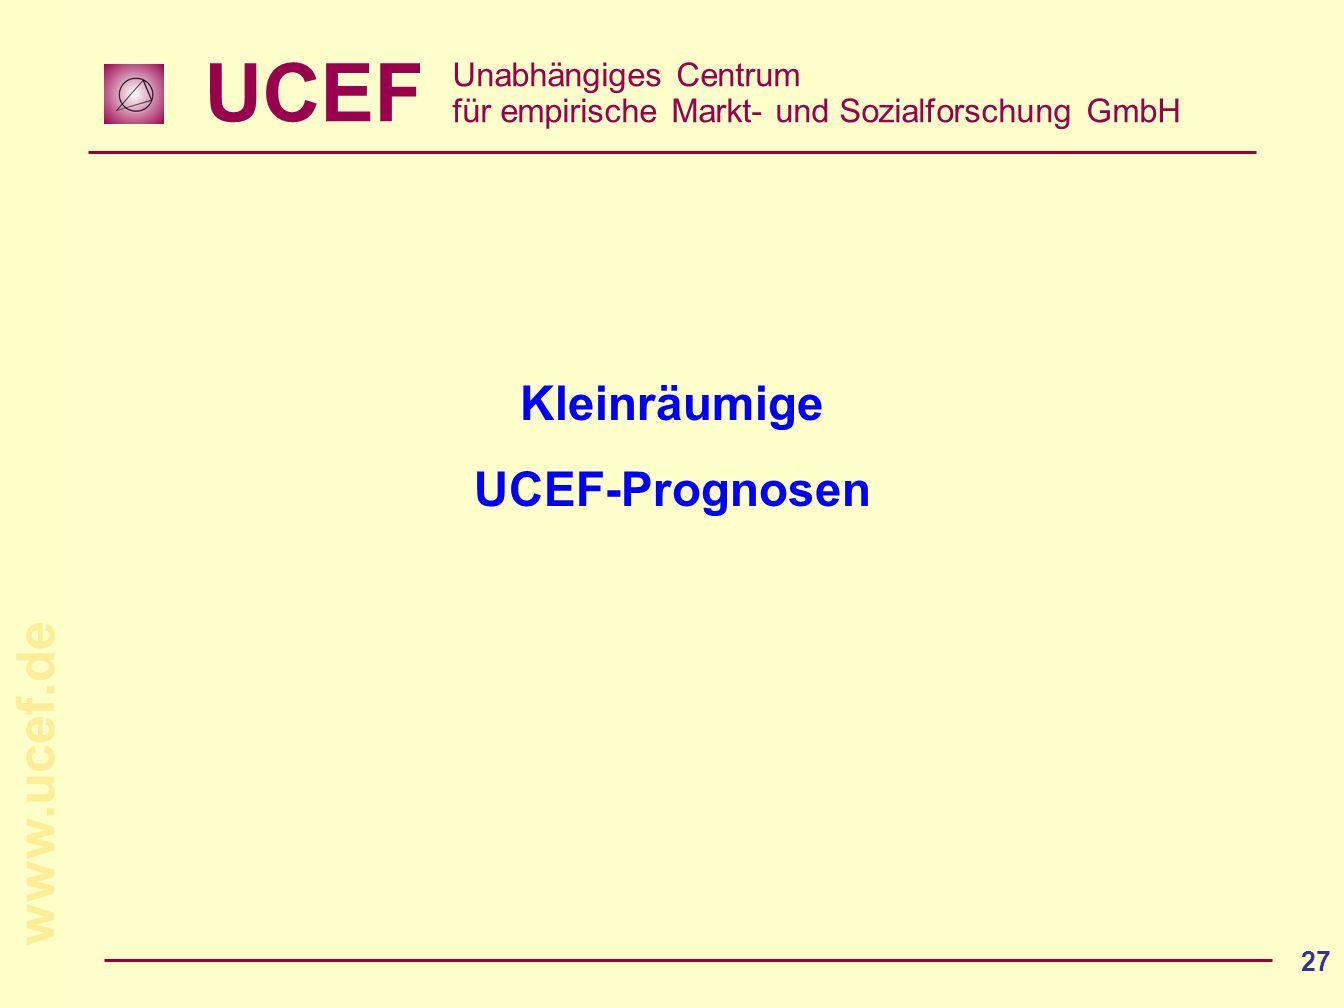 Kleinräumige UCEF-Prognosen